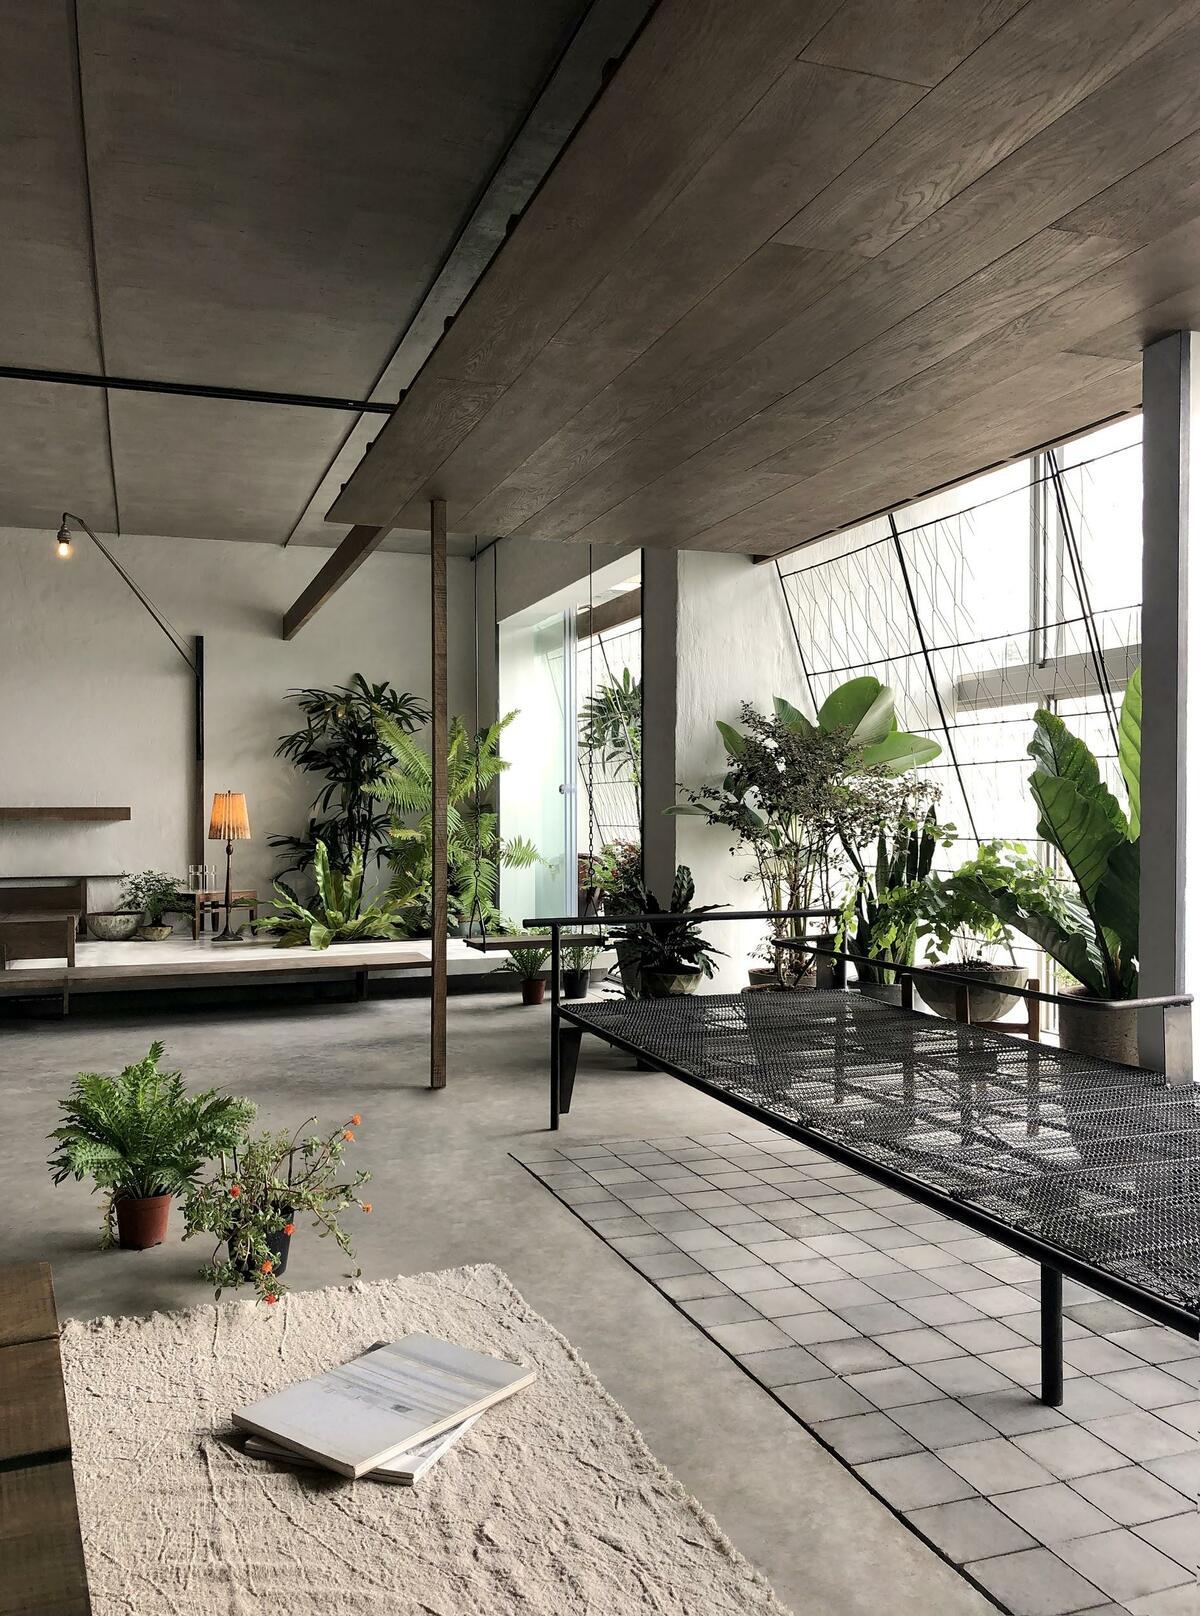 Giới hạn không gian - Nhận thức mới cho căn hộ chung cư   324 PRAXIS